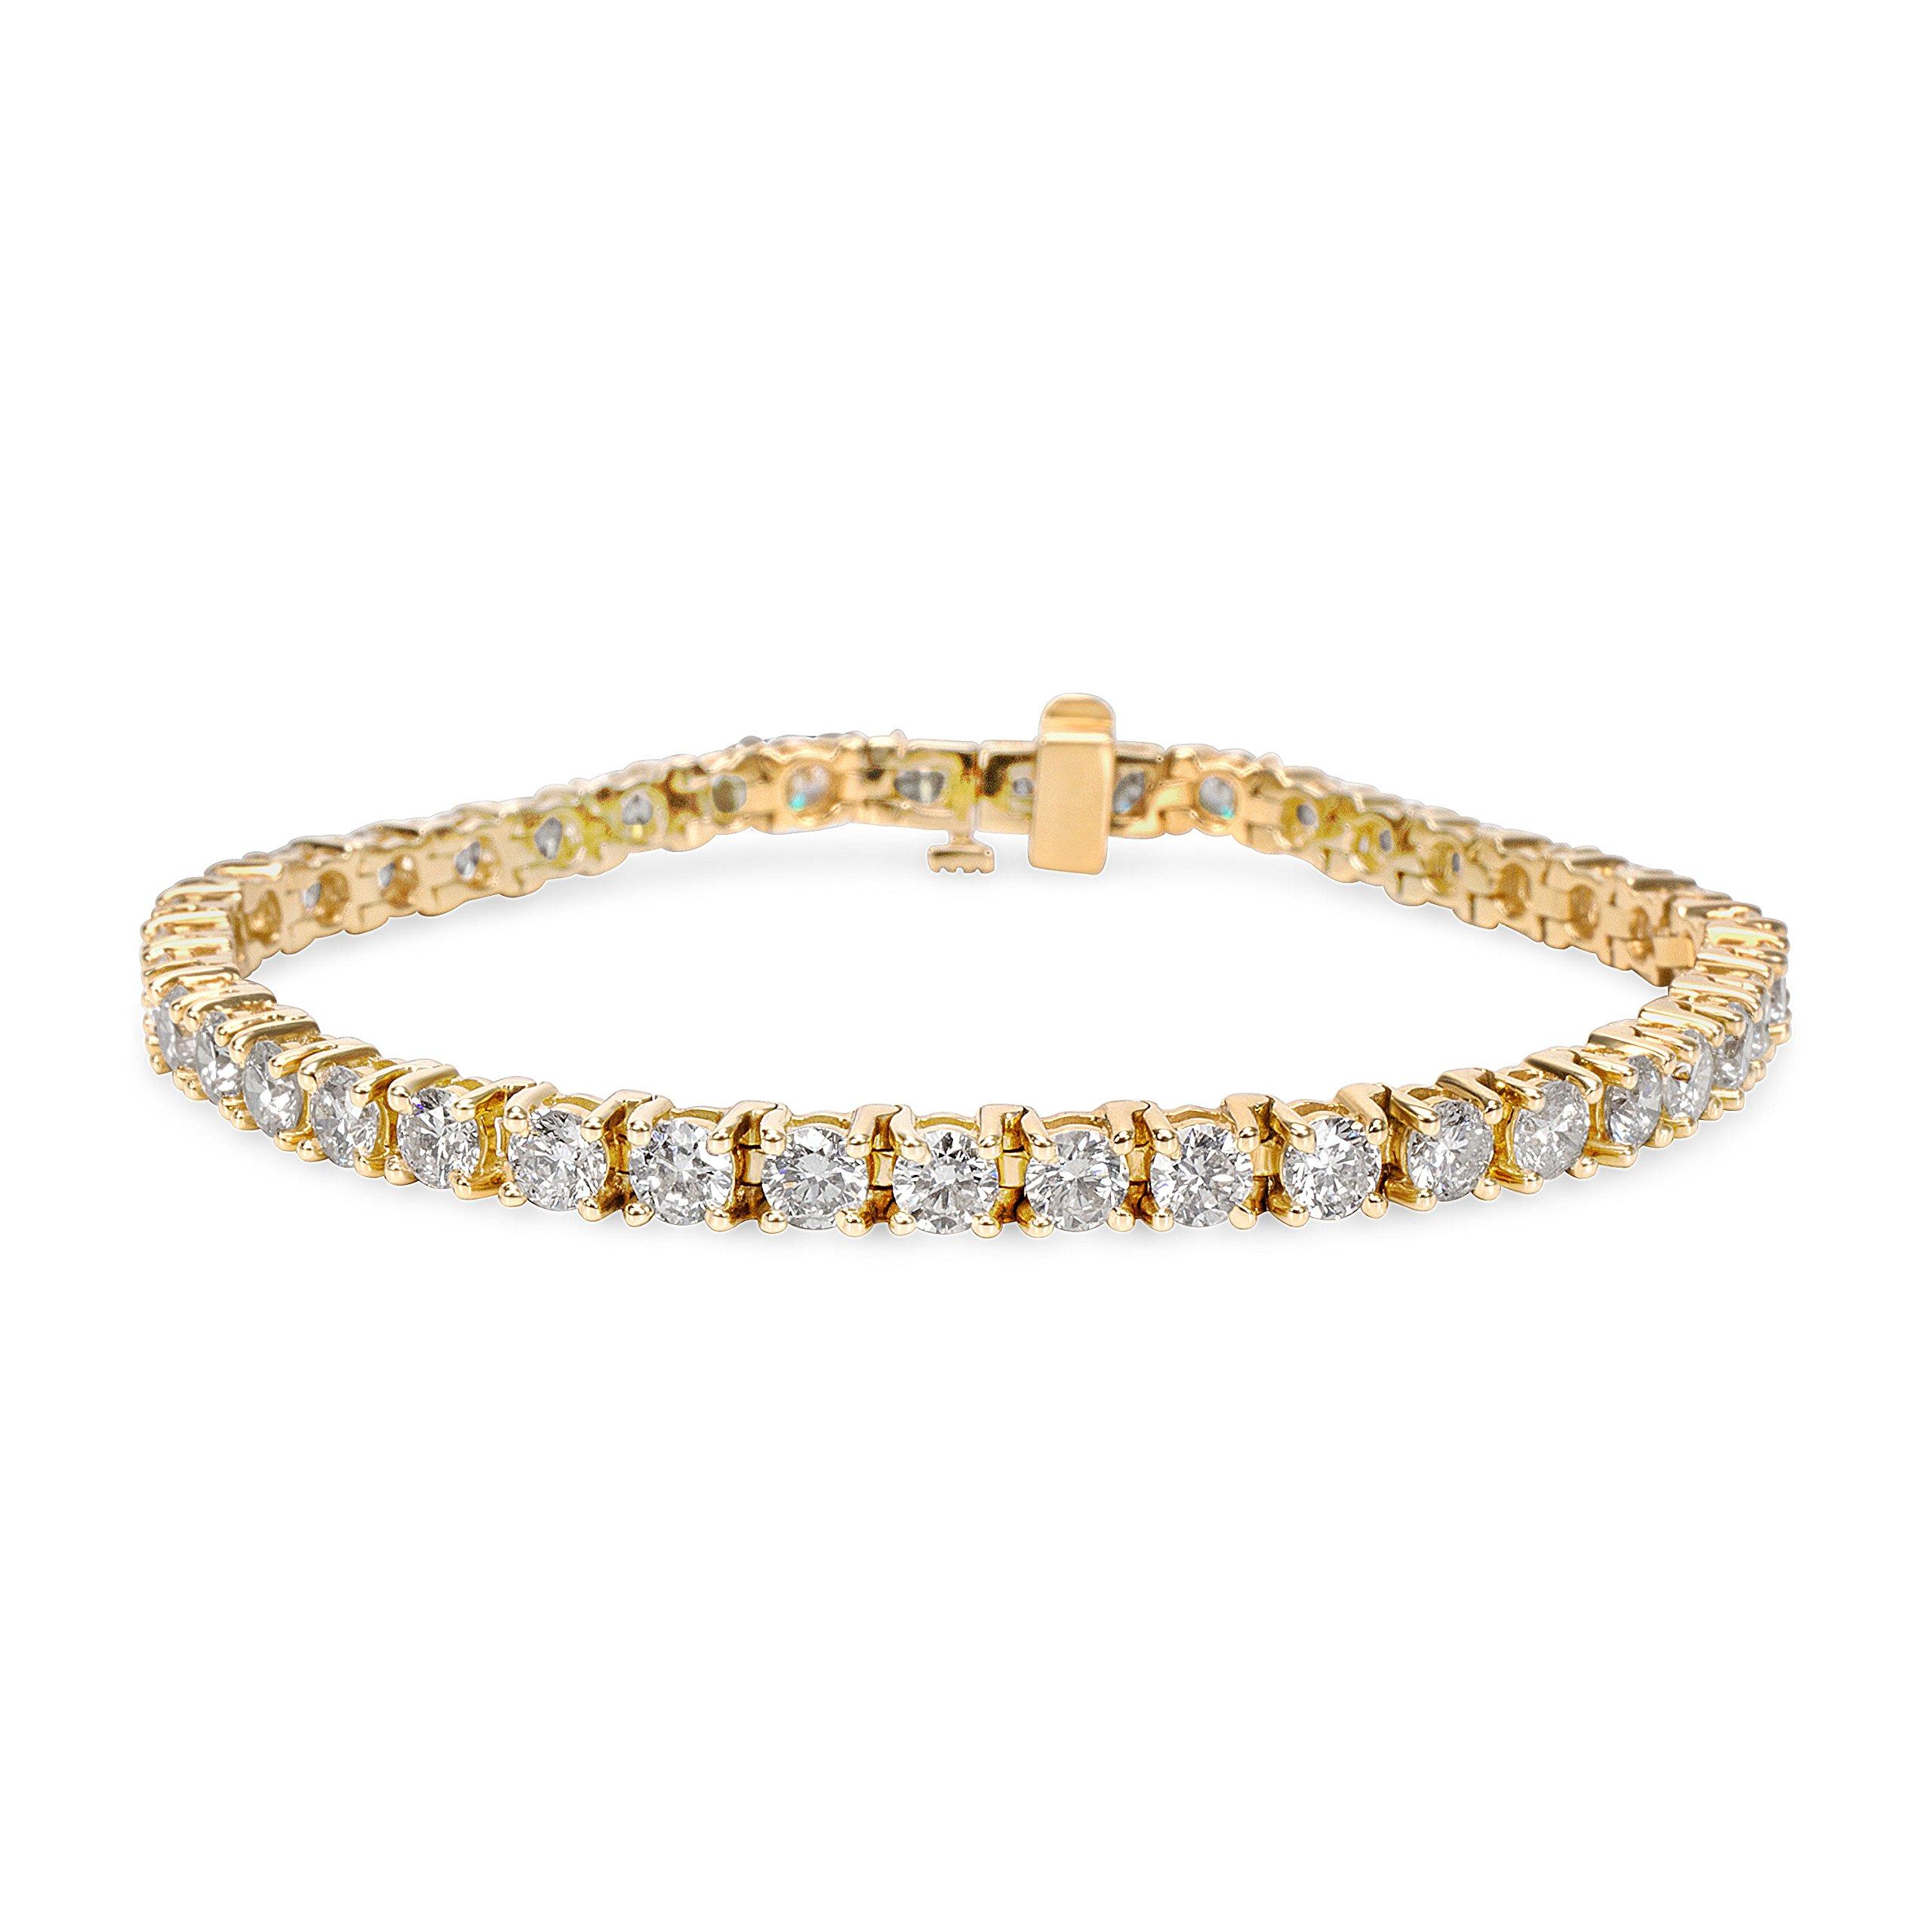 BRAND NEW Diamond Tennis Bracelet in 14k White Gold (7.65 CTW)